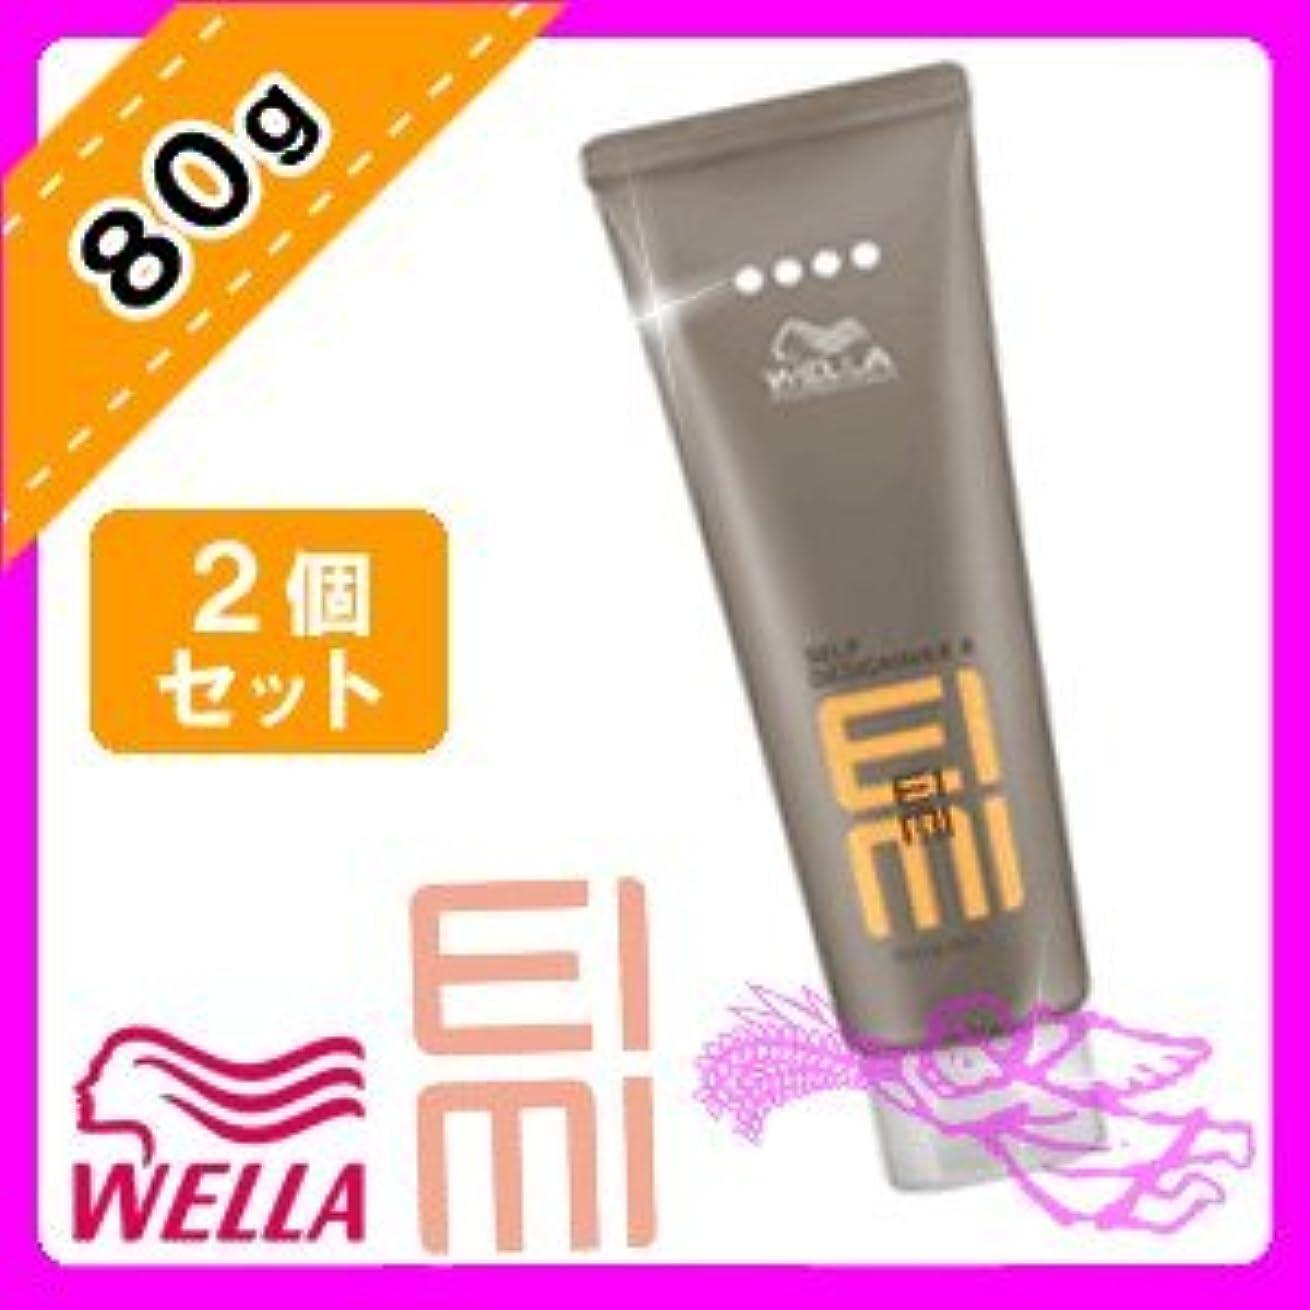 リビングルームぐったりプロテスタントウエラ EIMI(アイミィ) セルフデザインワックス4 80g ×2個 セット WELLA P&G